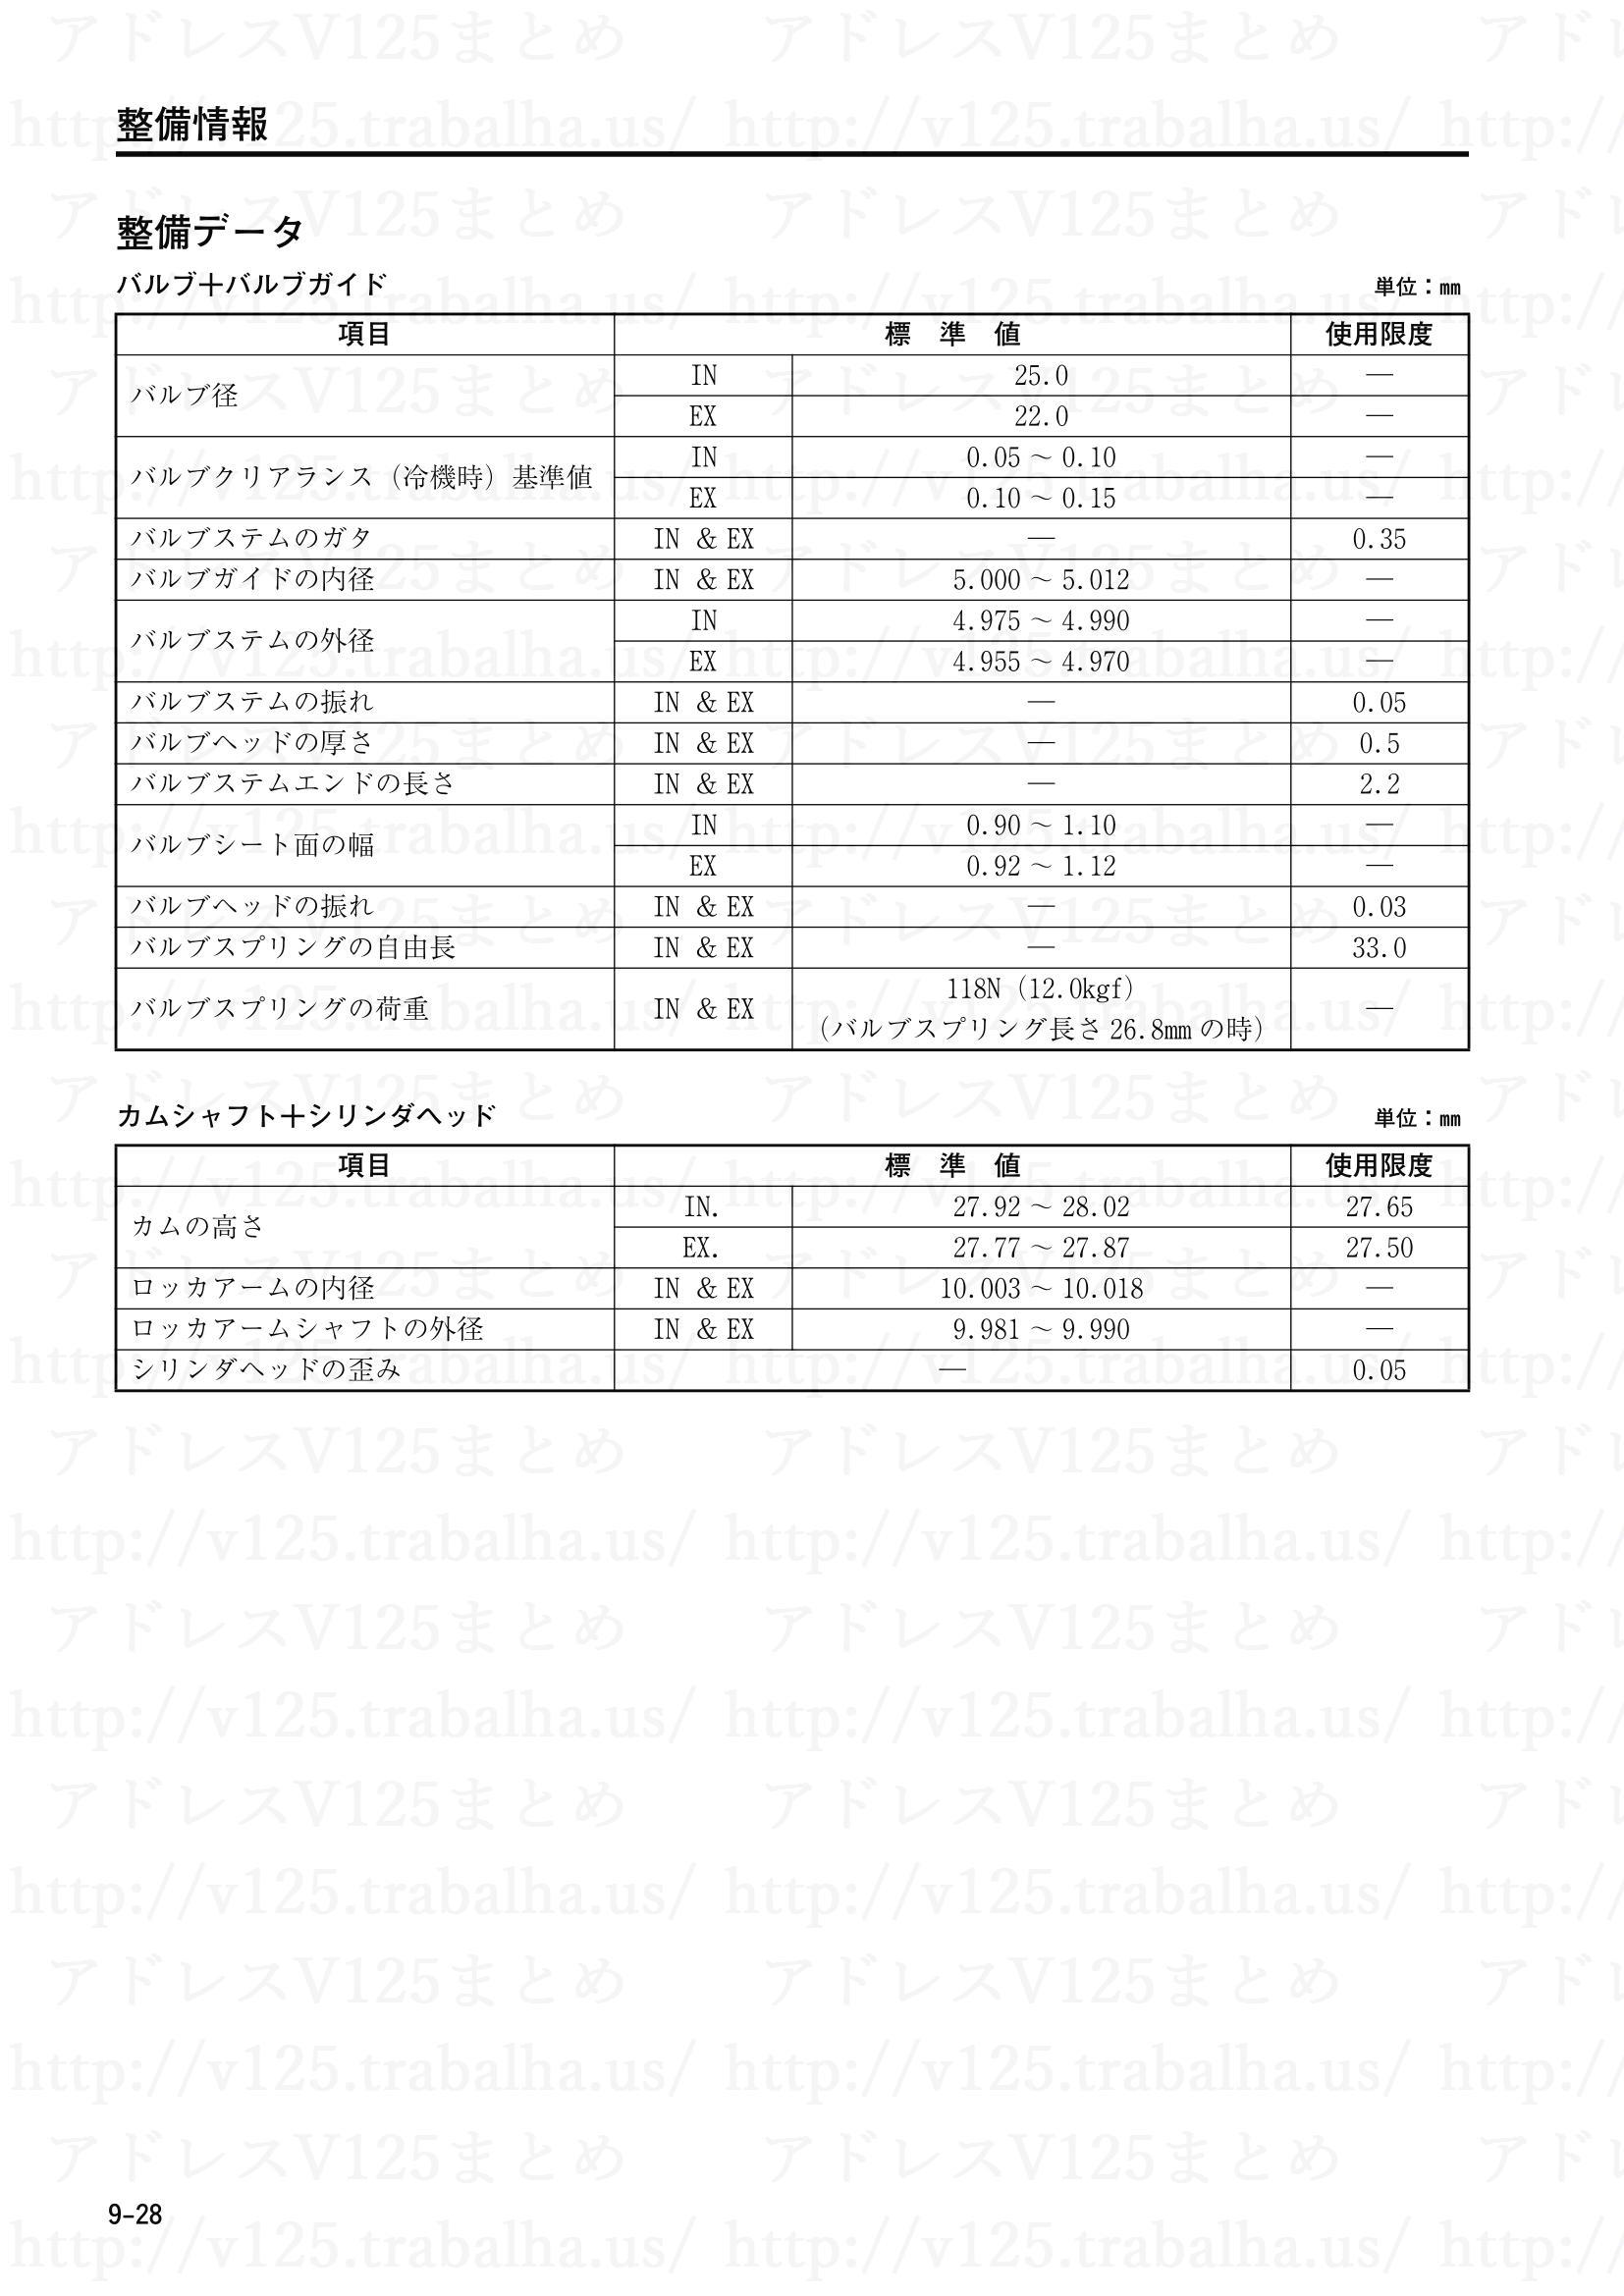 9-28【整備情報】整備データ1